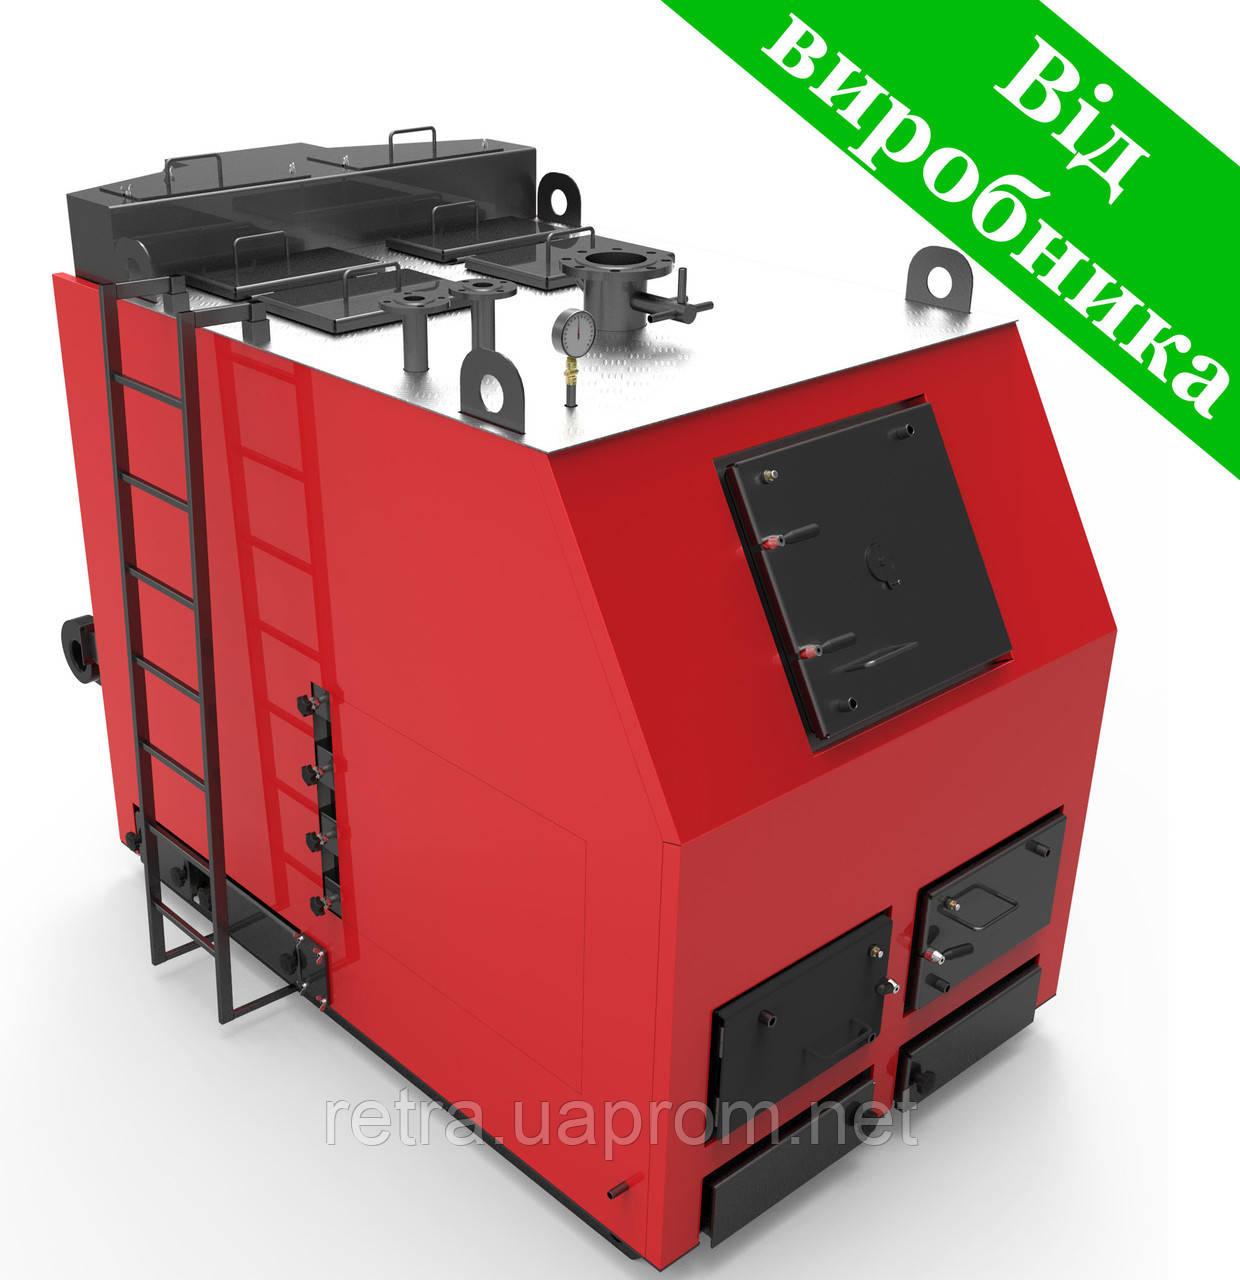 Котел твердотопливный Ретра-3М 2000 кВт промышленный длительного горения